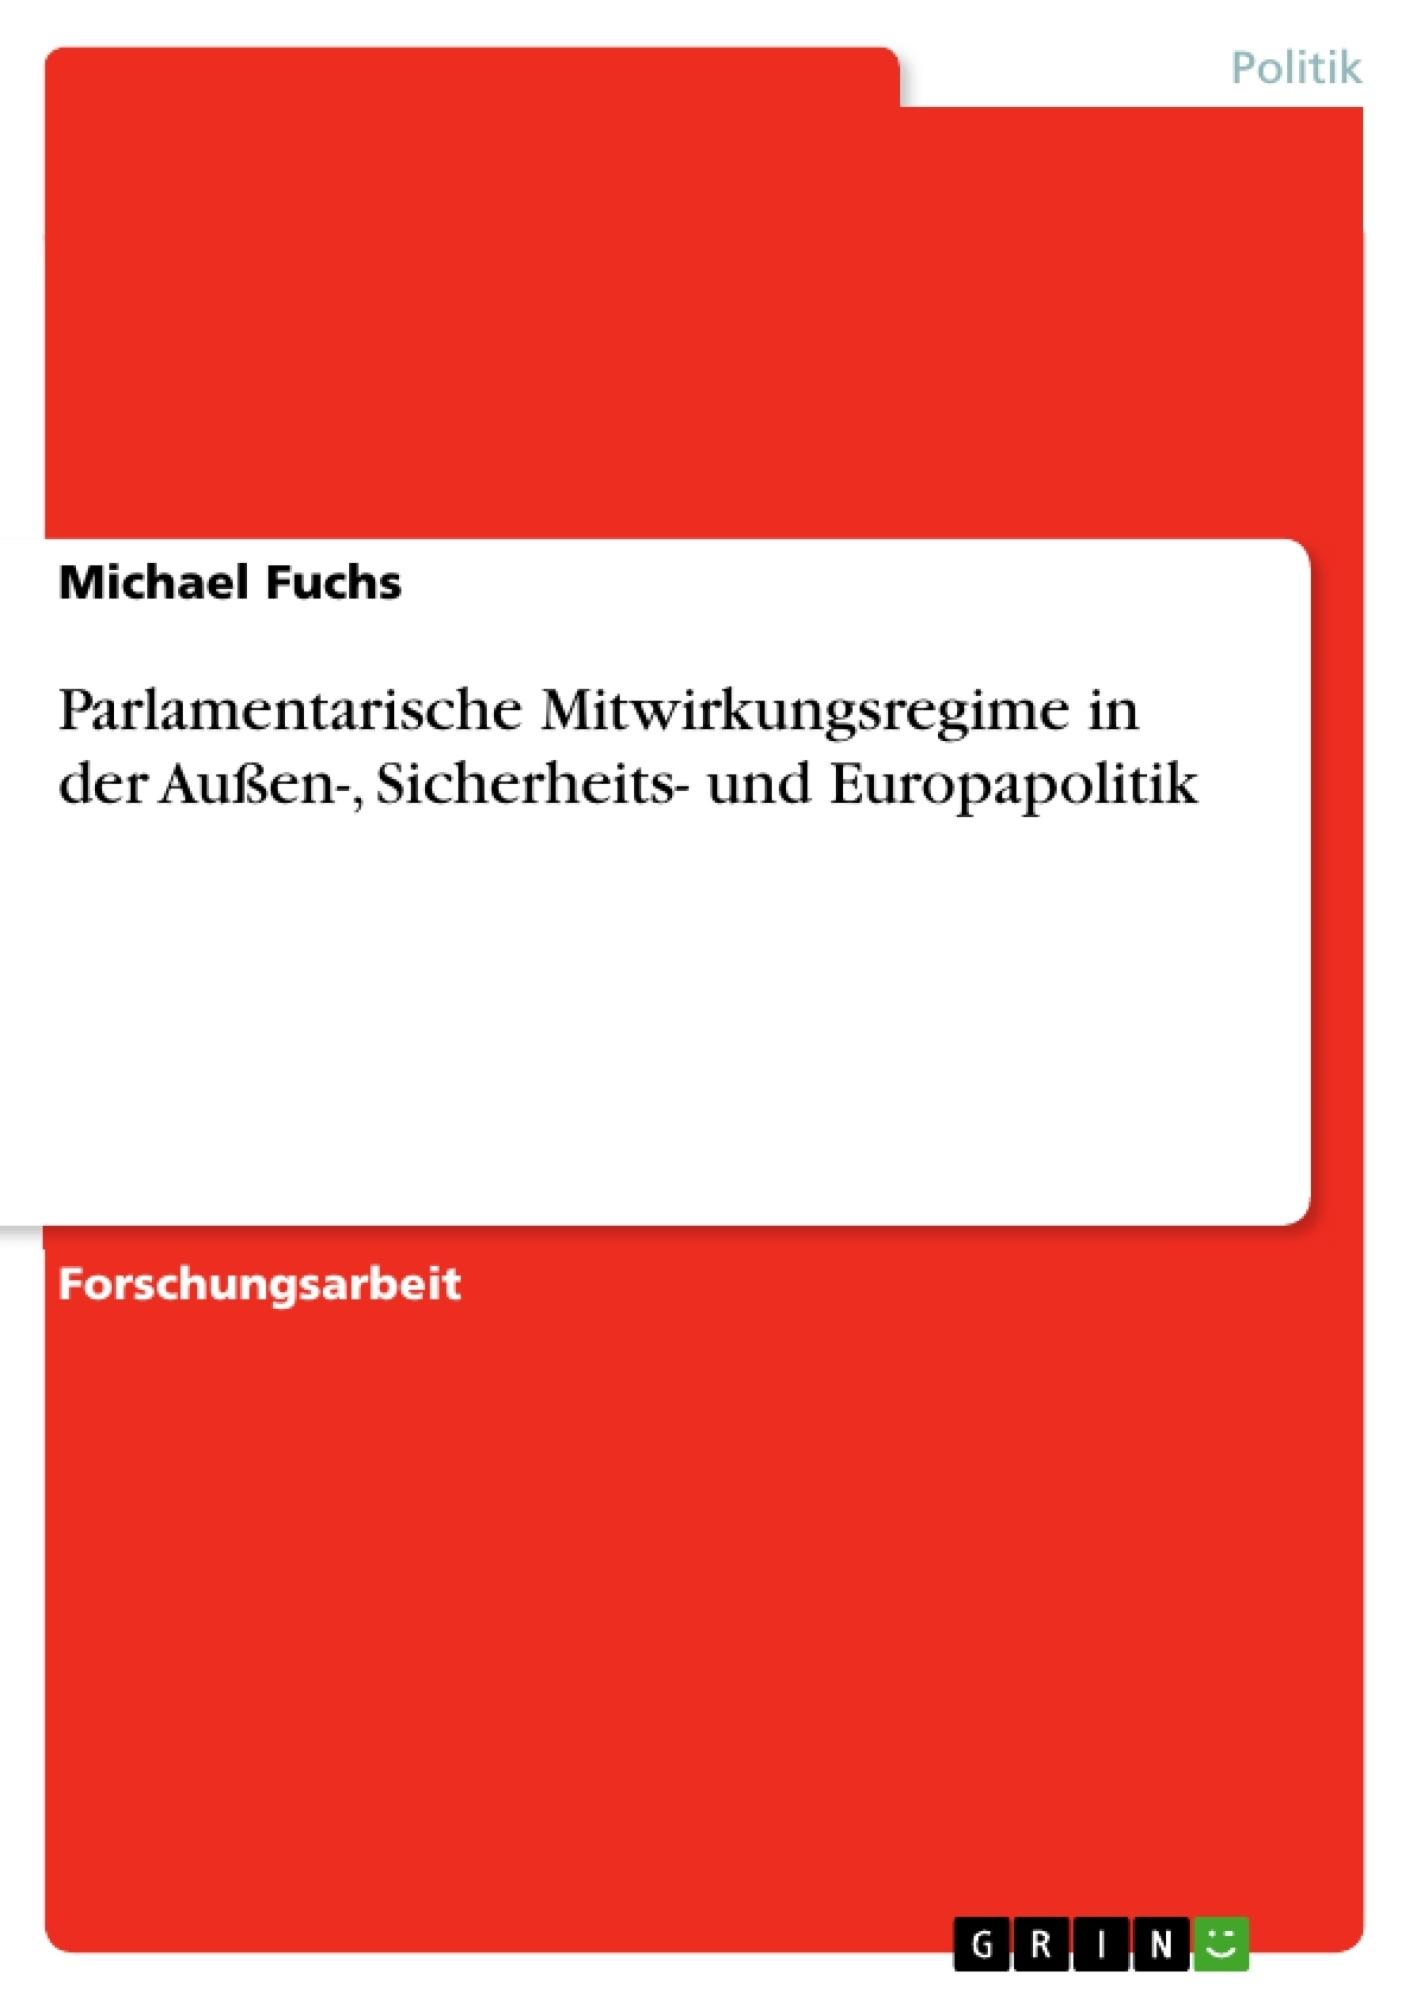 Titel: Parlamentarische Mitwirkungsregime in der Außen-, Sicherheits- und Europapolitik